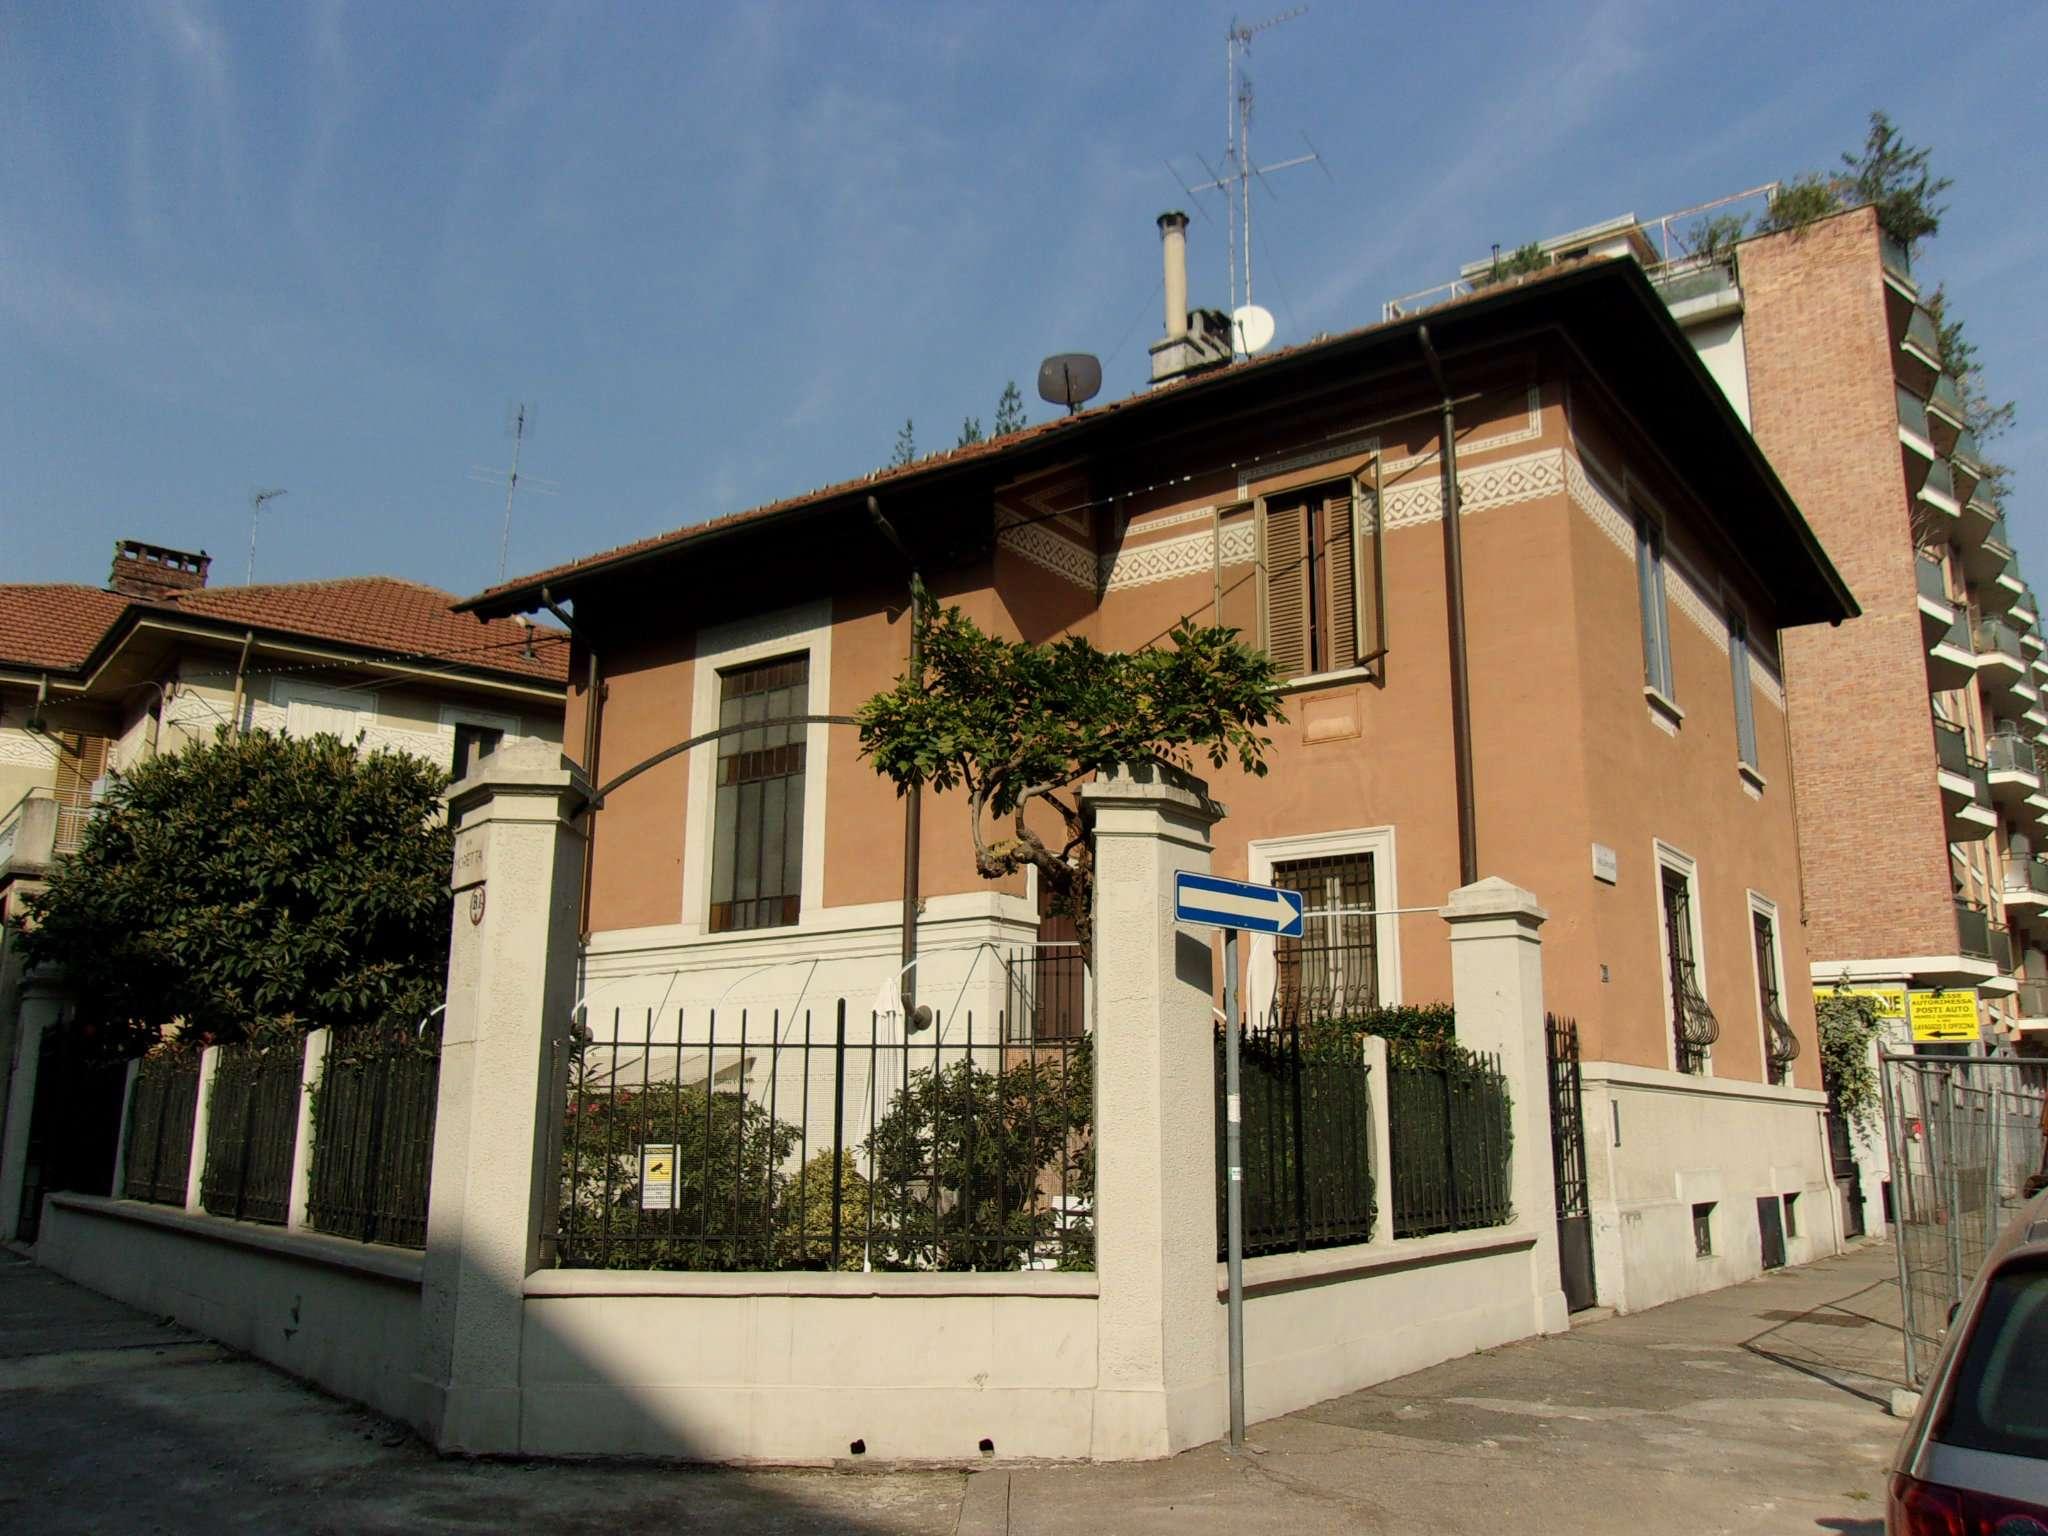 VENDITE Rustici e Case Torino 3717439